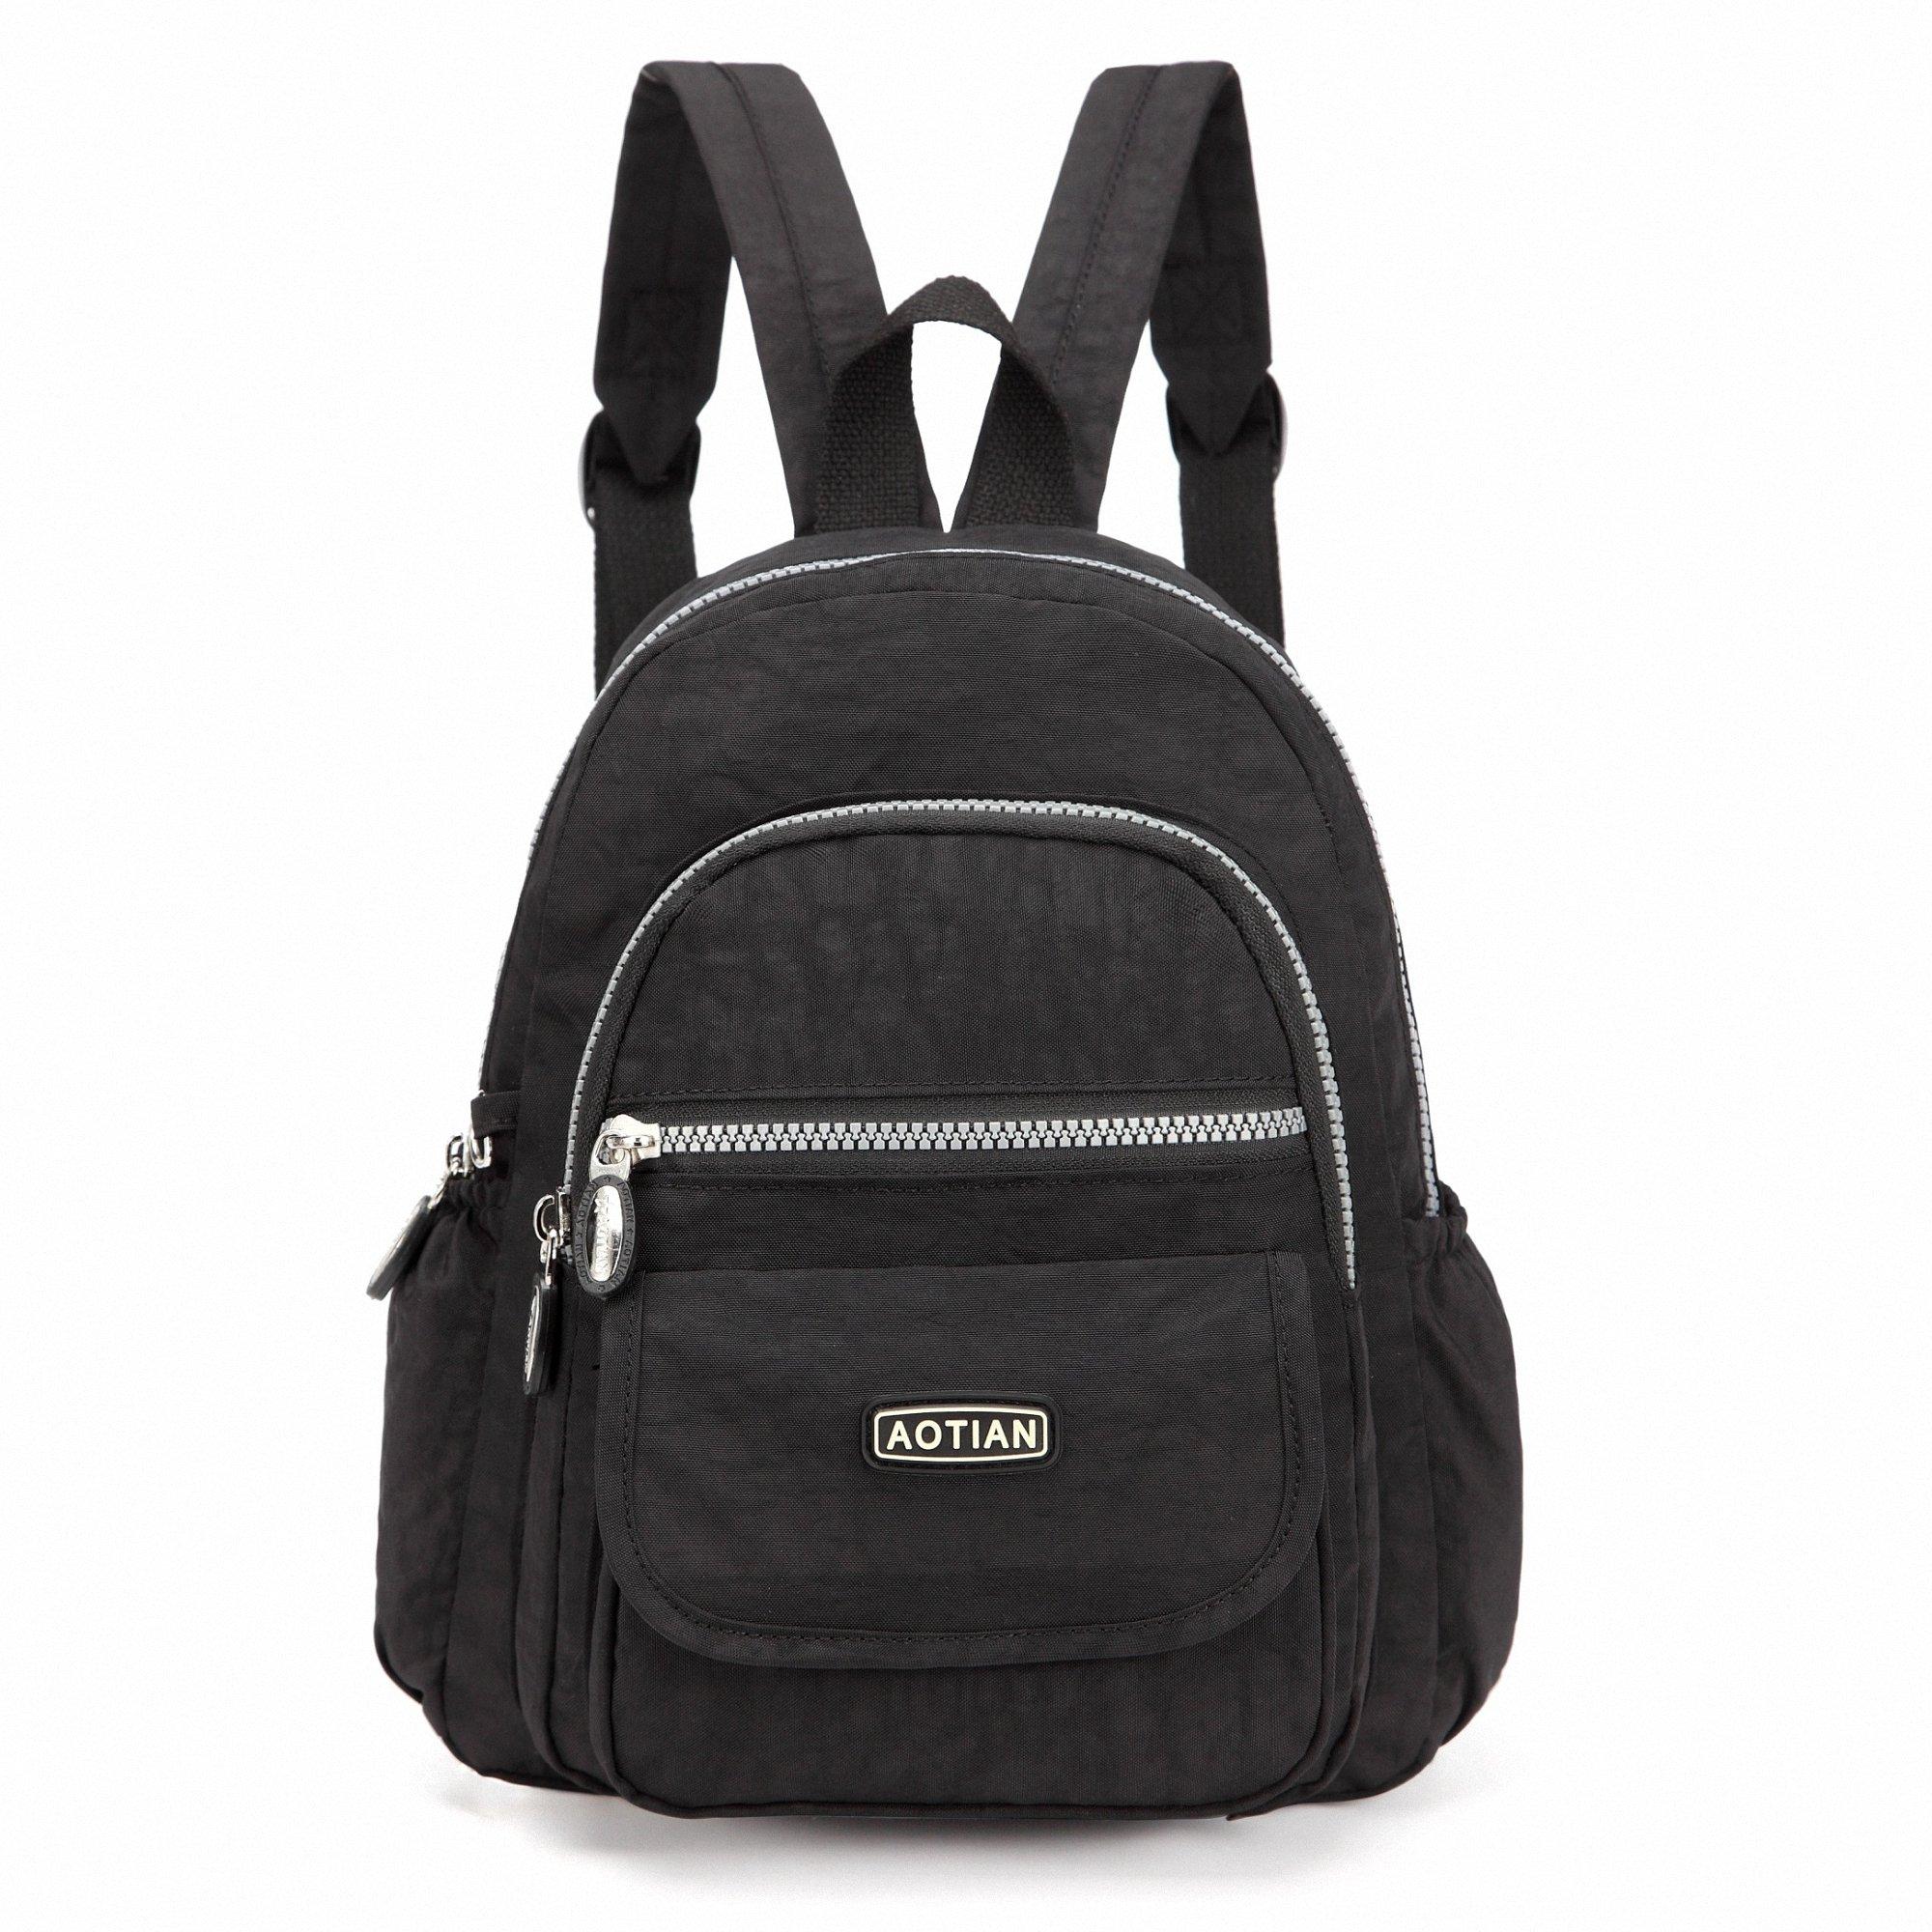 AOTIAN Backpacks Lightweight Packback Daypack